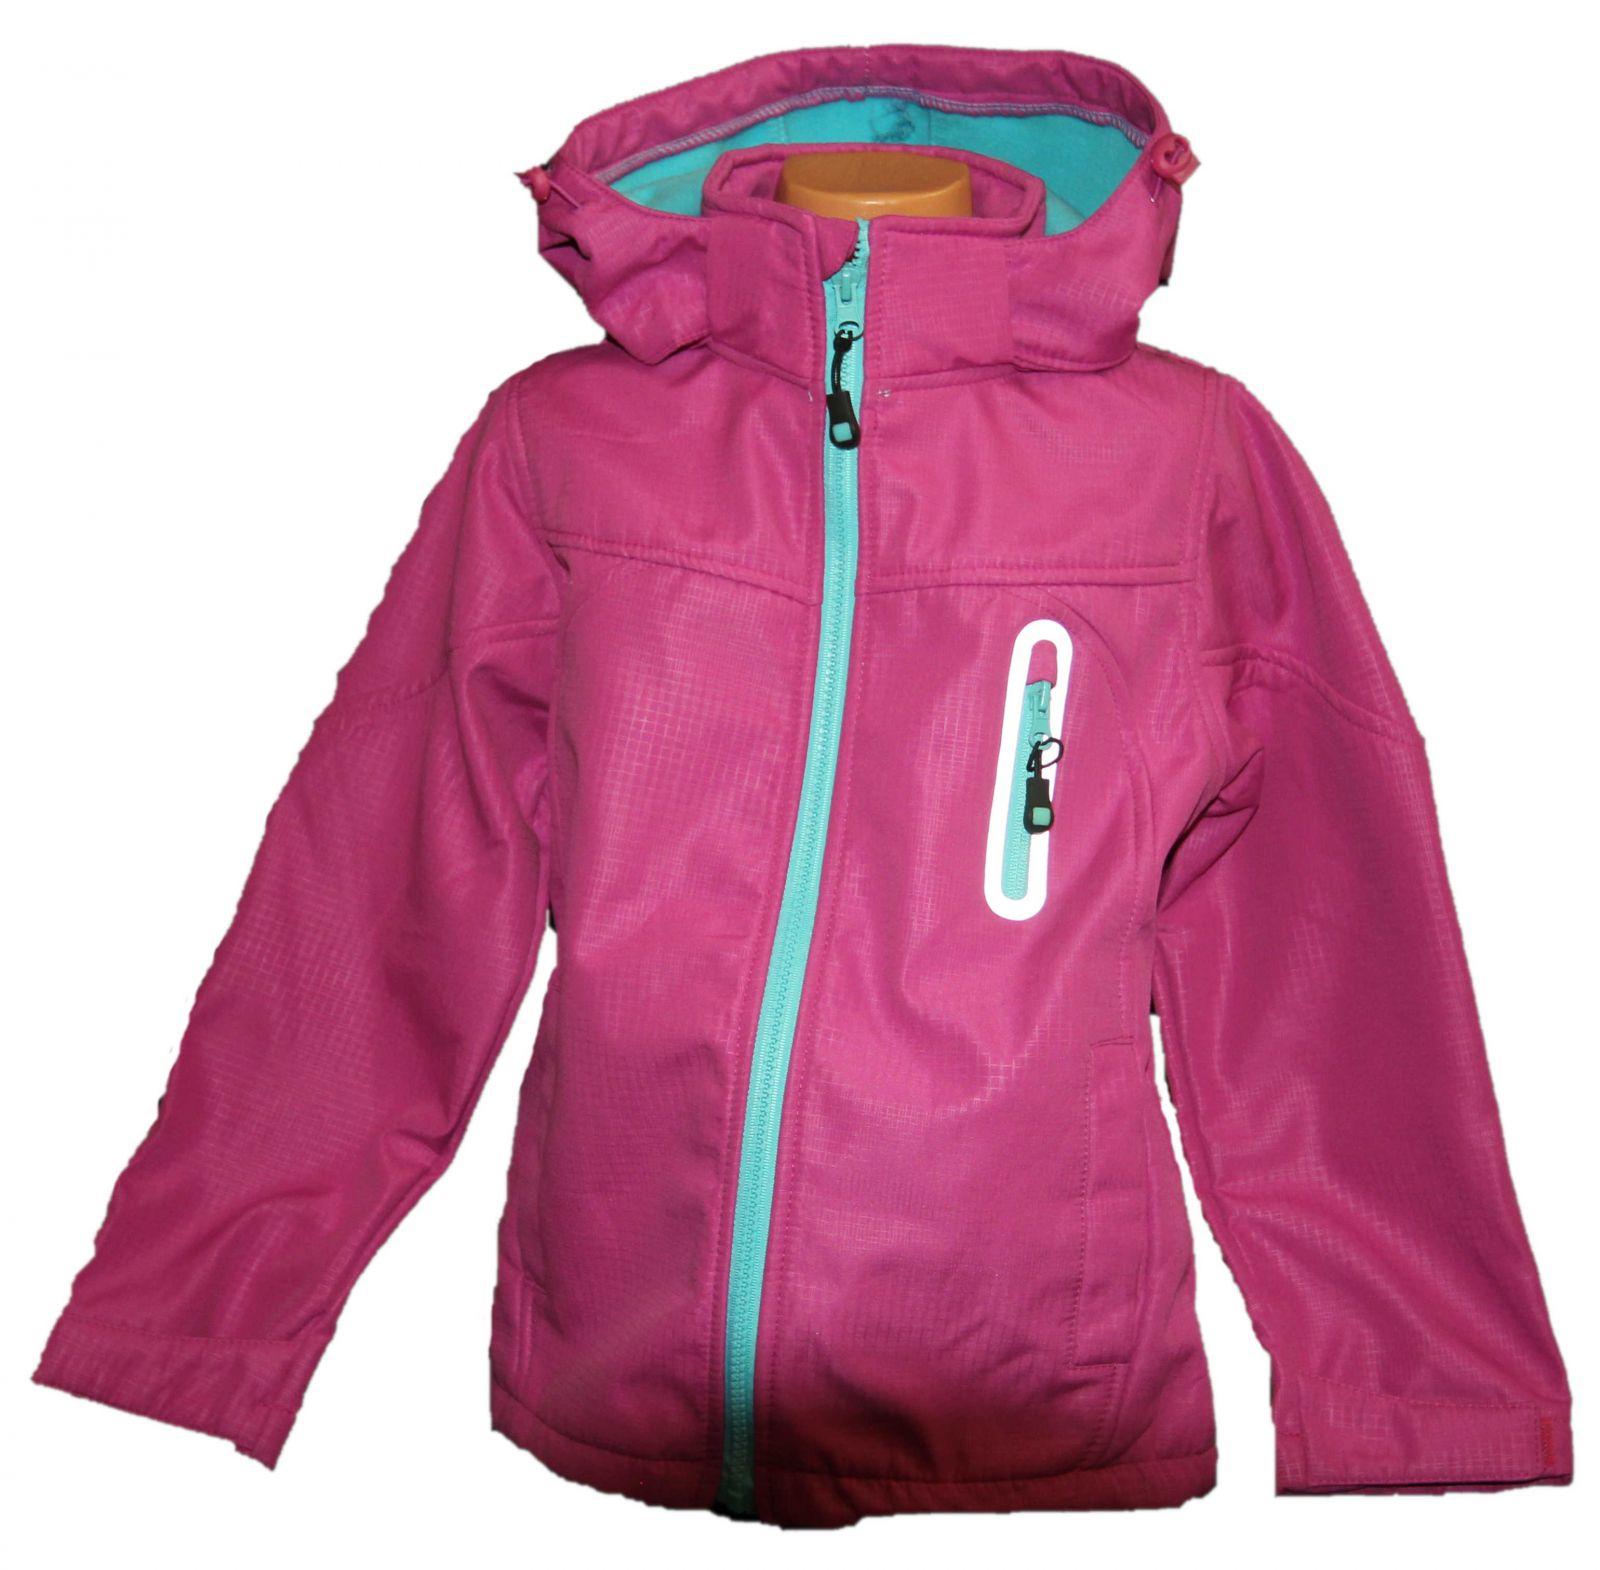 Dětská jarní softshellová bunda Grace, dívčí softshellová bunda, jarní bundy, podzimní bunda